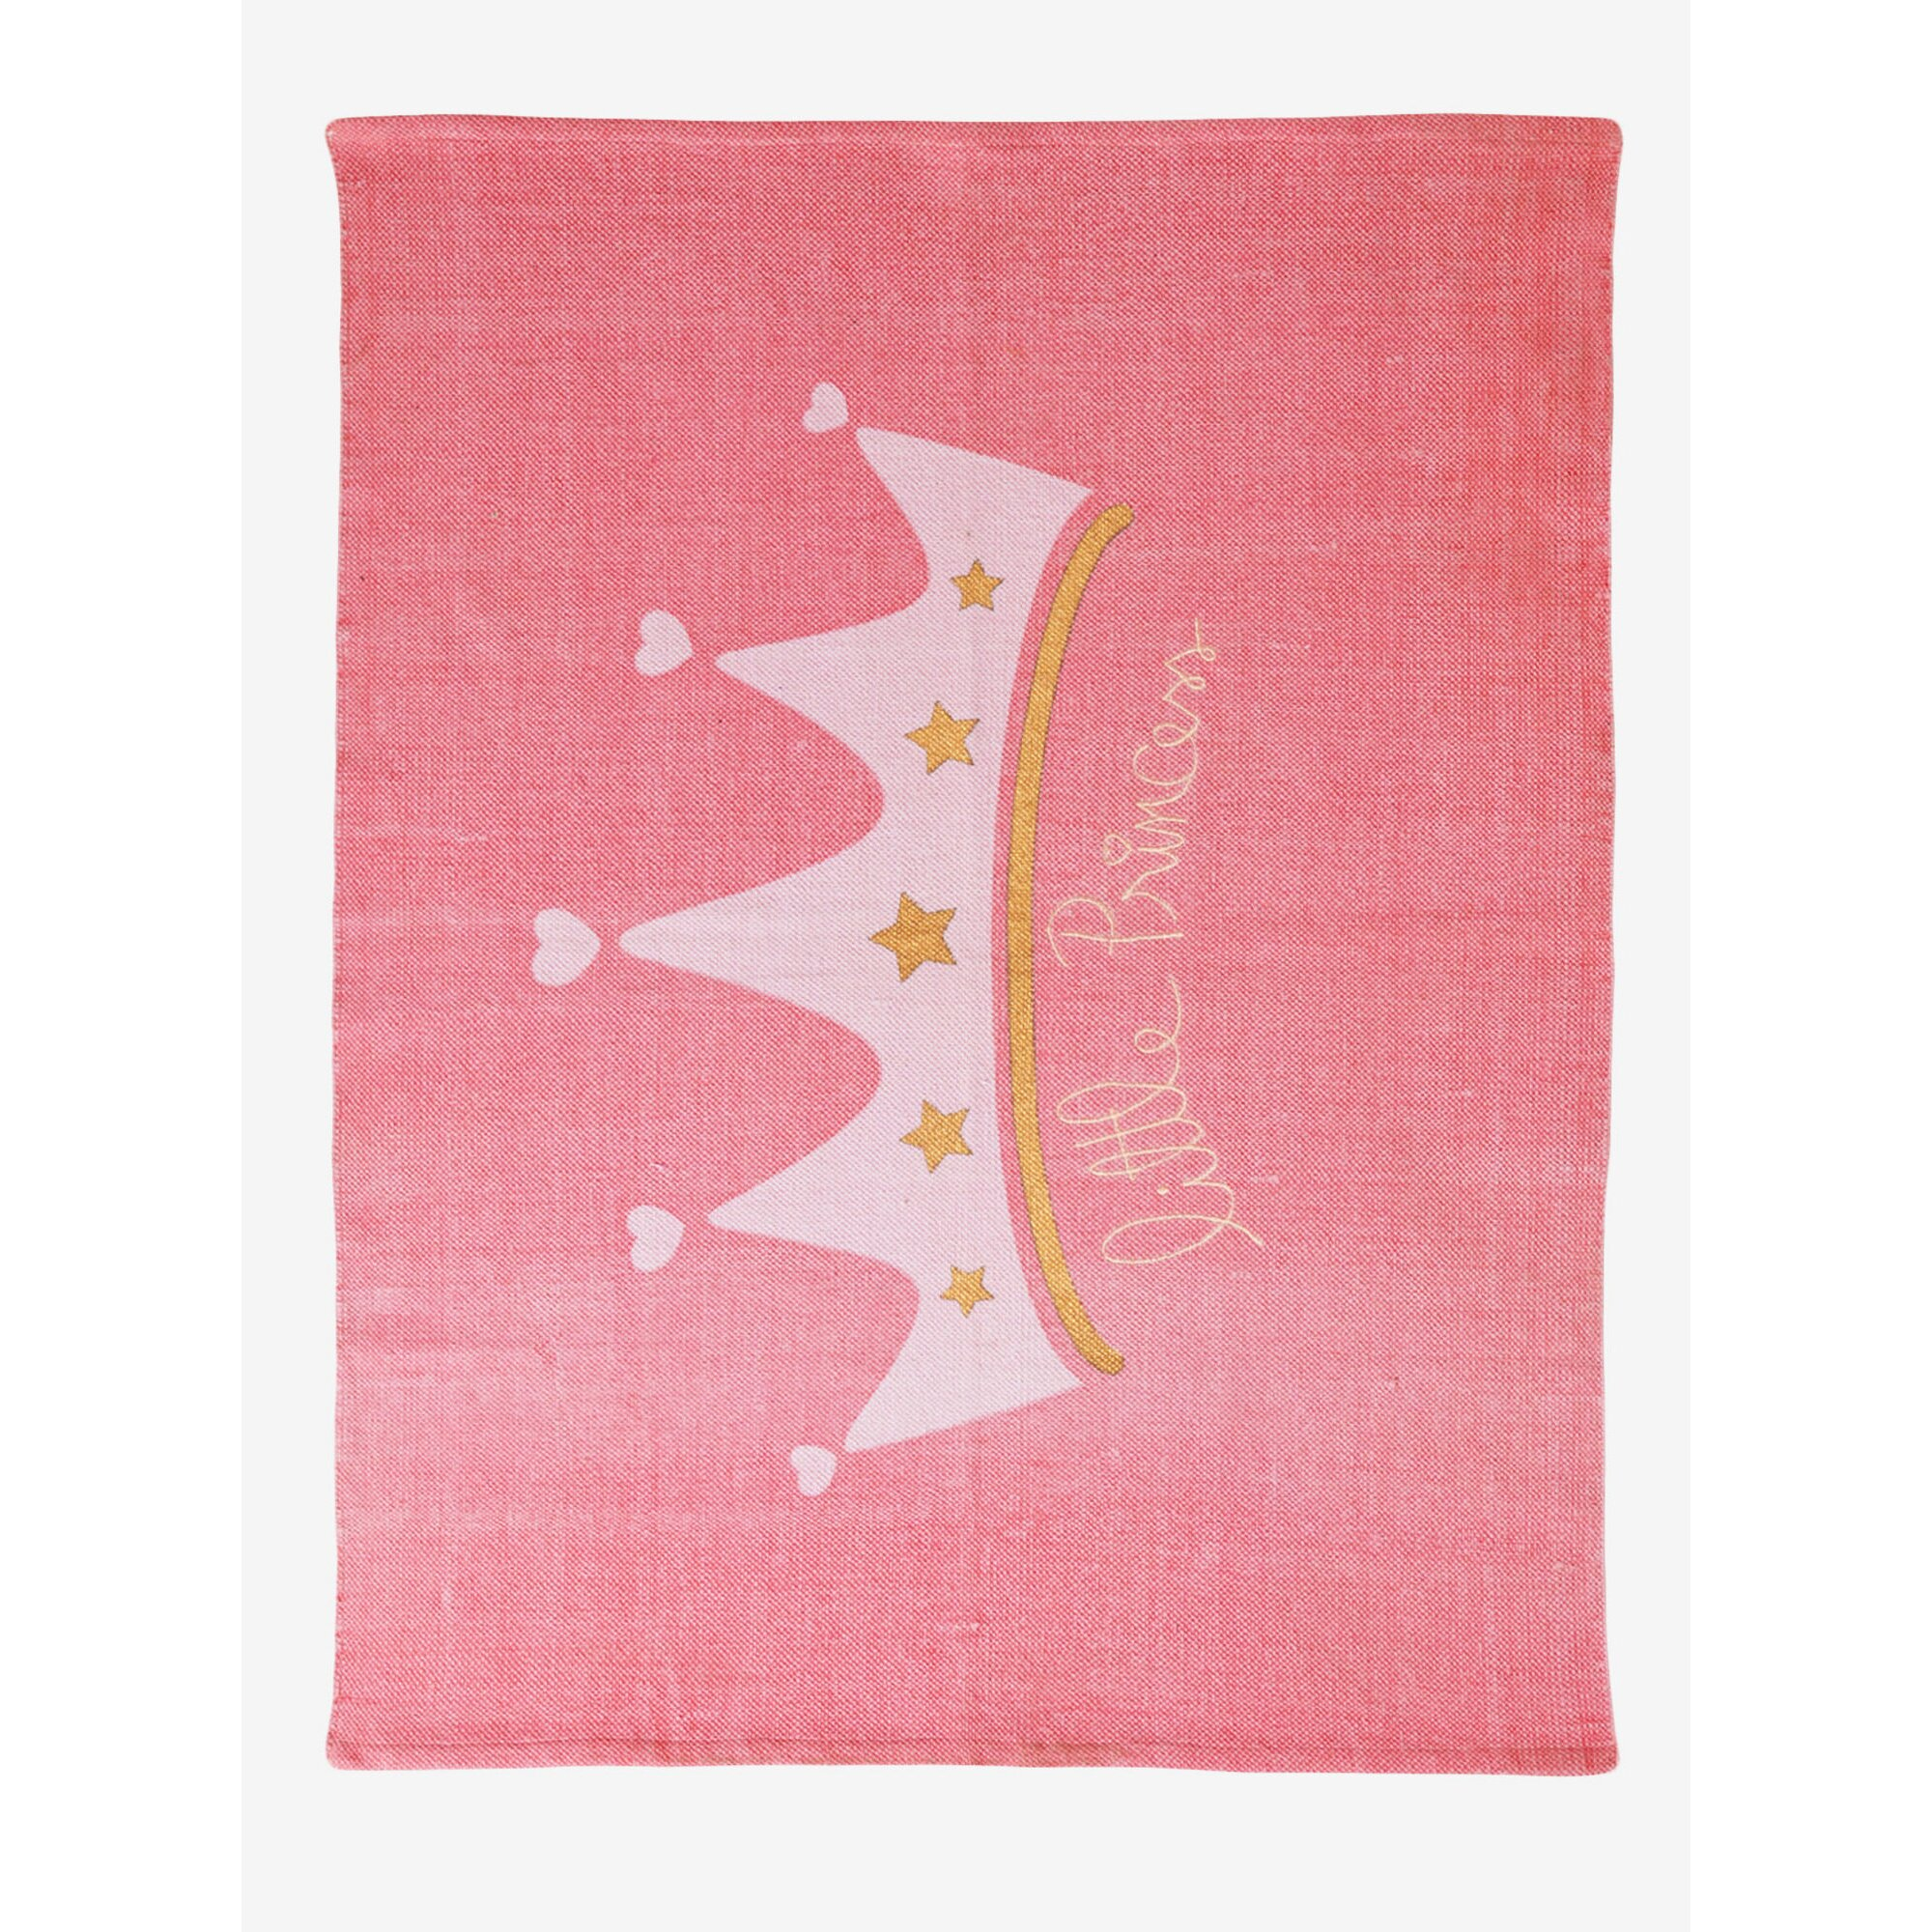 Kronen-Teppich aus Baumwolle rosa